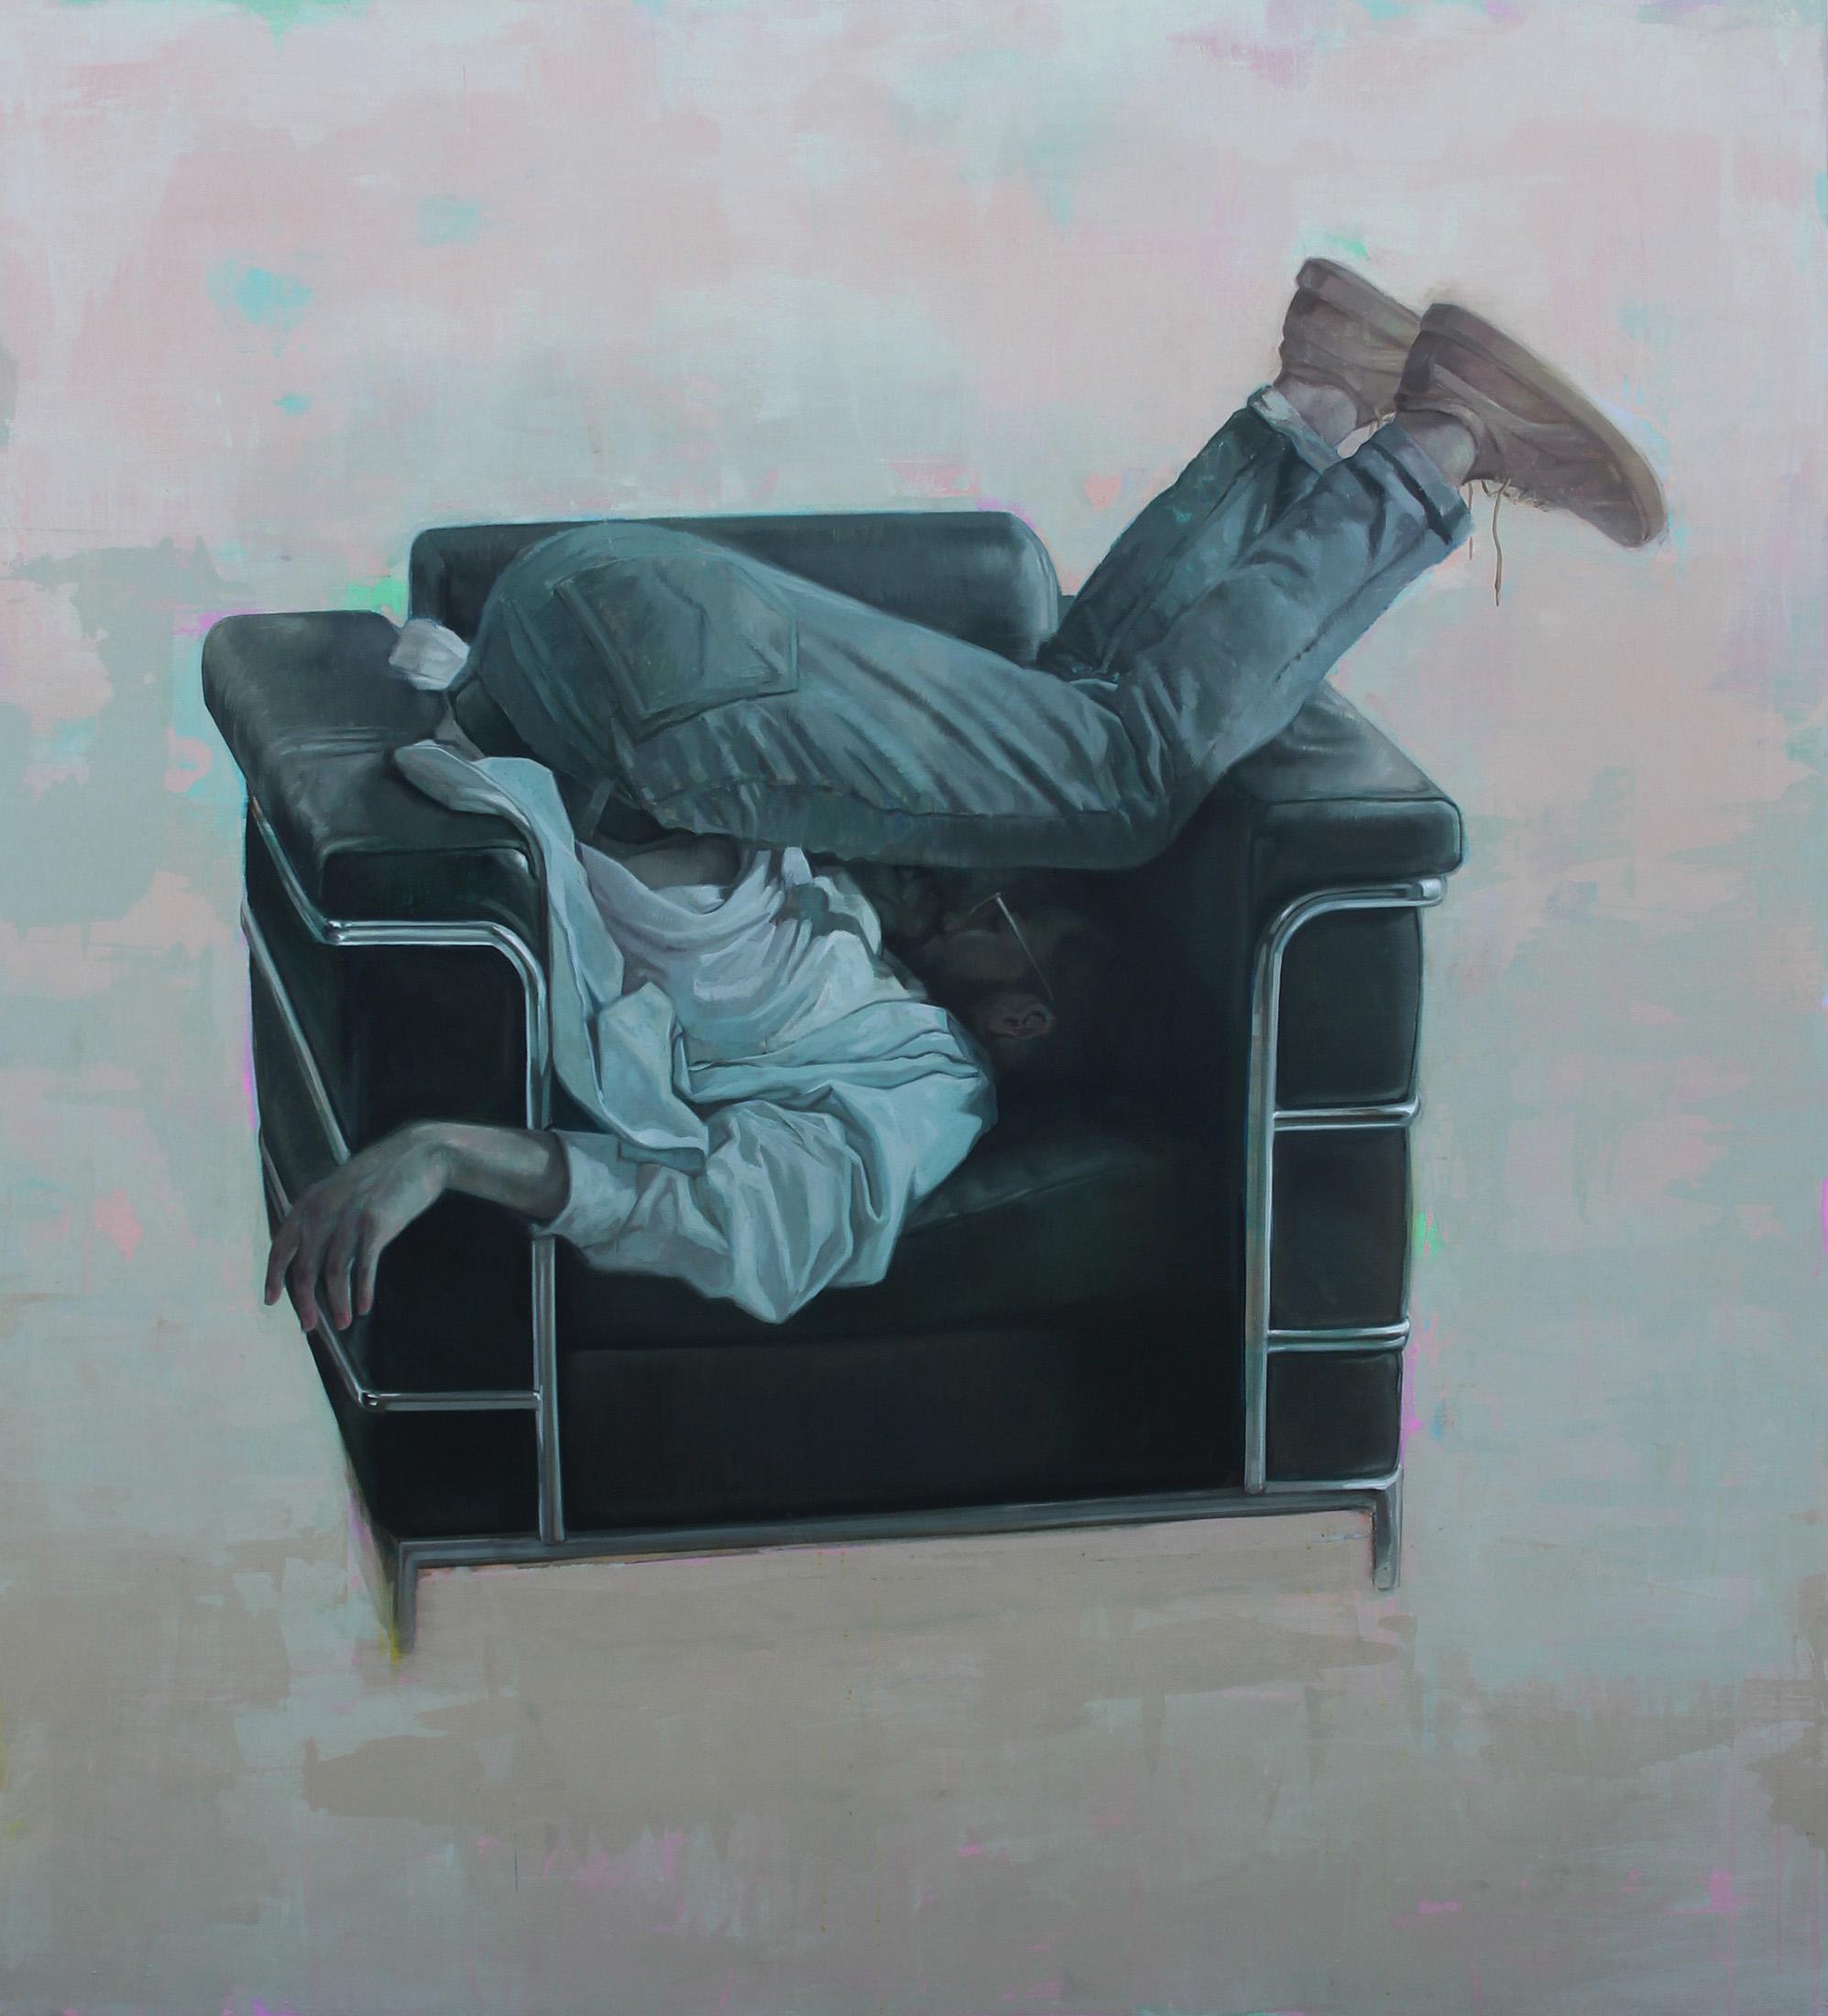 Alterado. Oil on Canvas. 60x65.5 inches. 2019